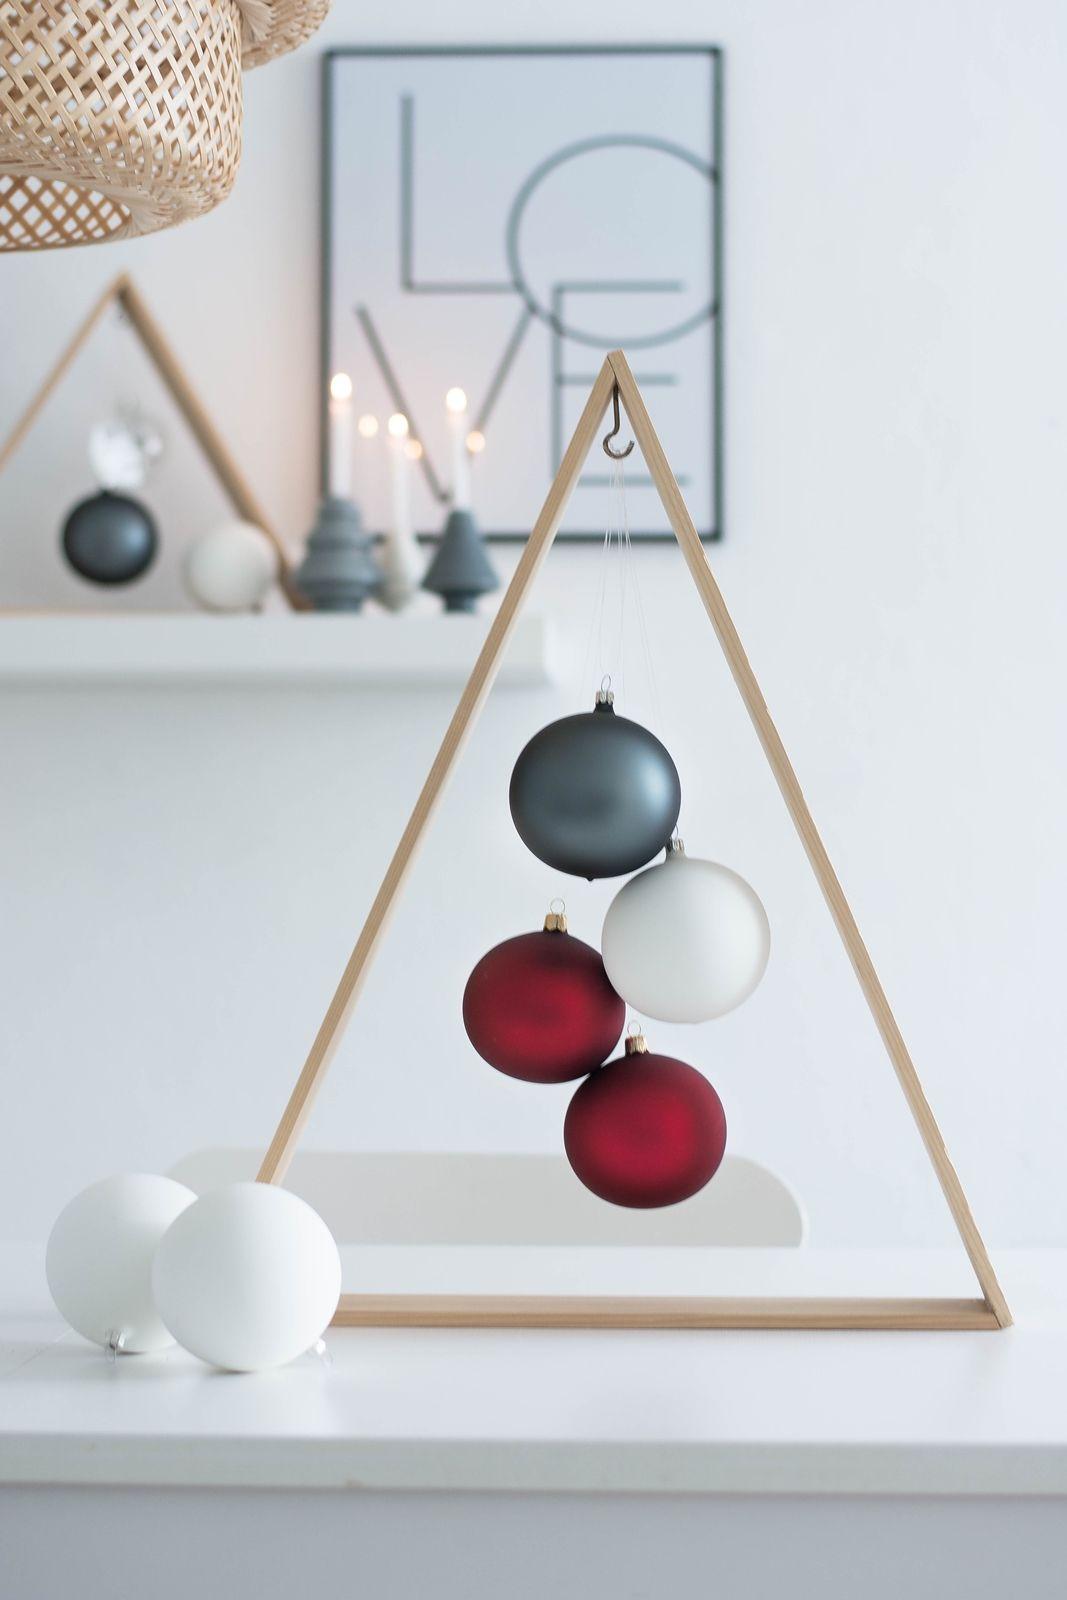 der kreative diy blog fr wohnsinnige und selbermacher erste weihnachtsdeko ein diy weihnachtsbaum fr minimalisten - Diy Weihnachtsdeko Blog